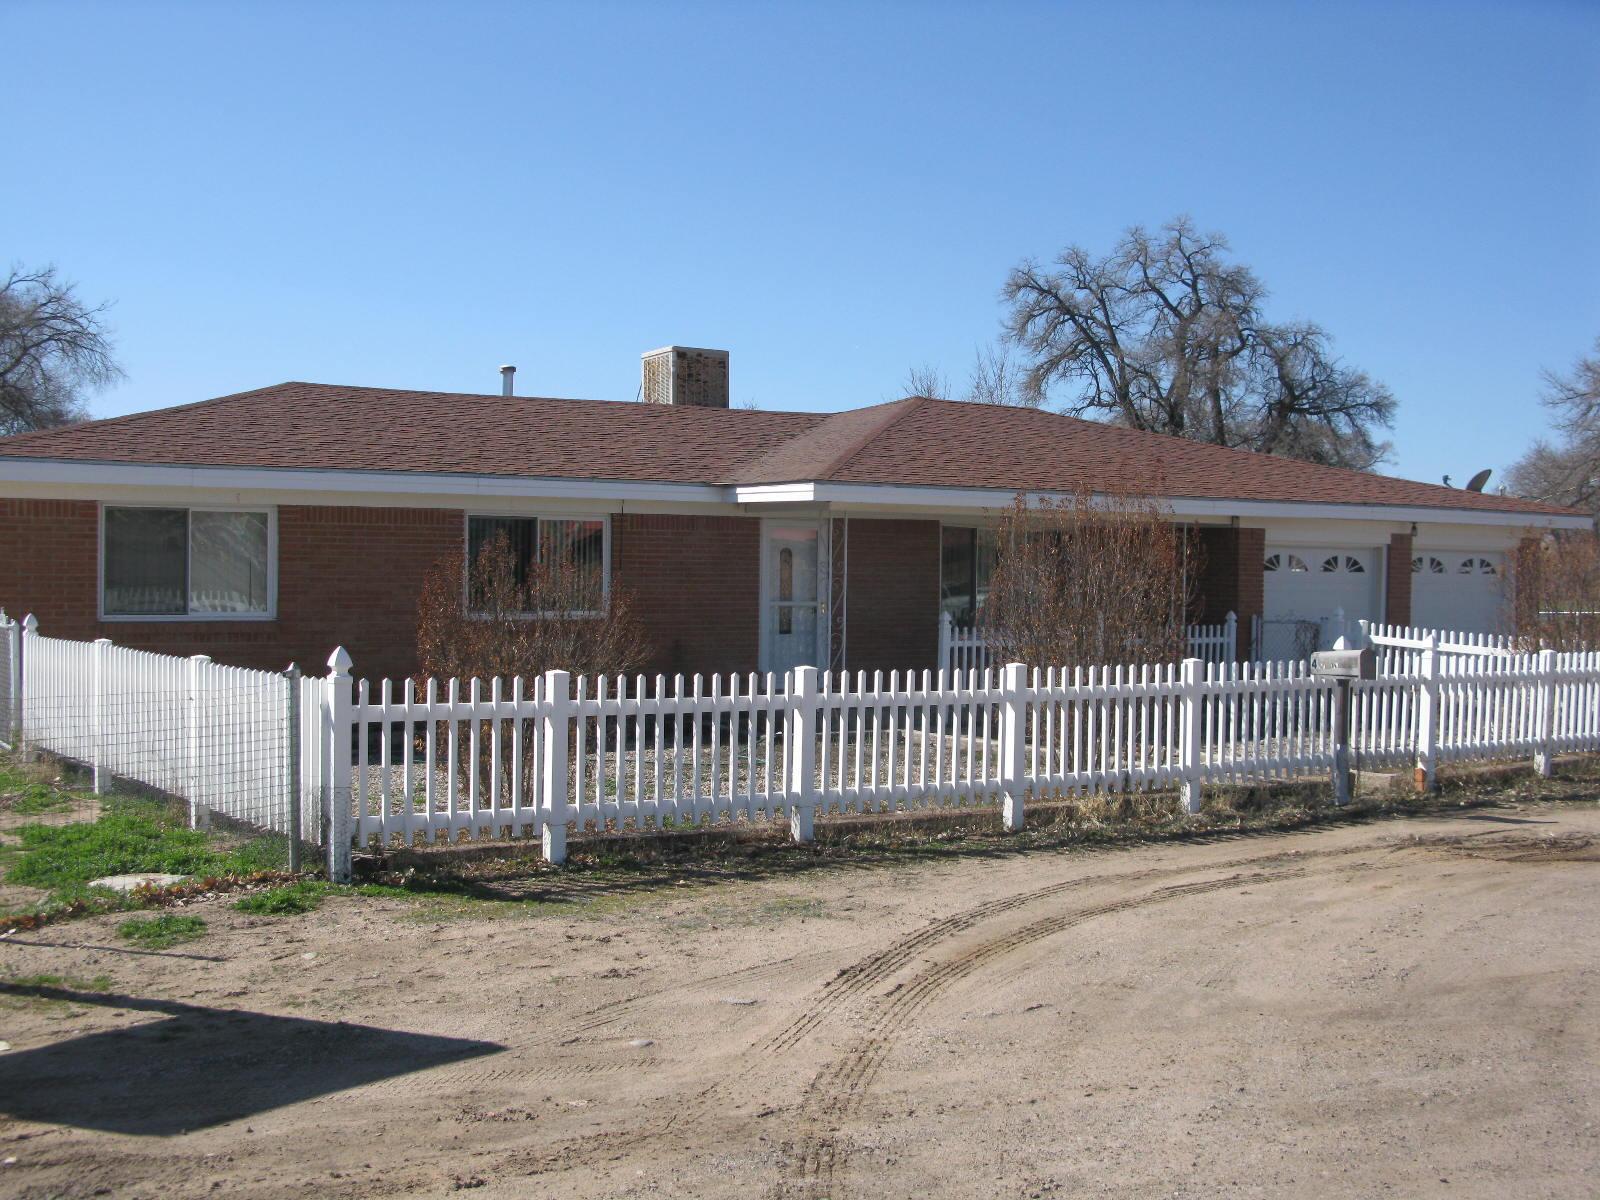 4 GURULE Road, Peralta, NM 87042 - Peralta, NM real estate listing